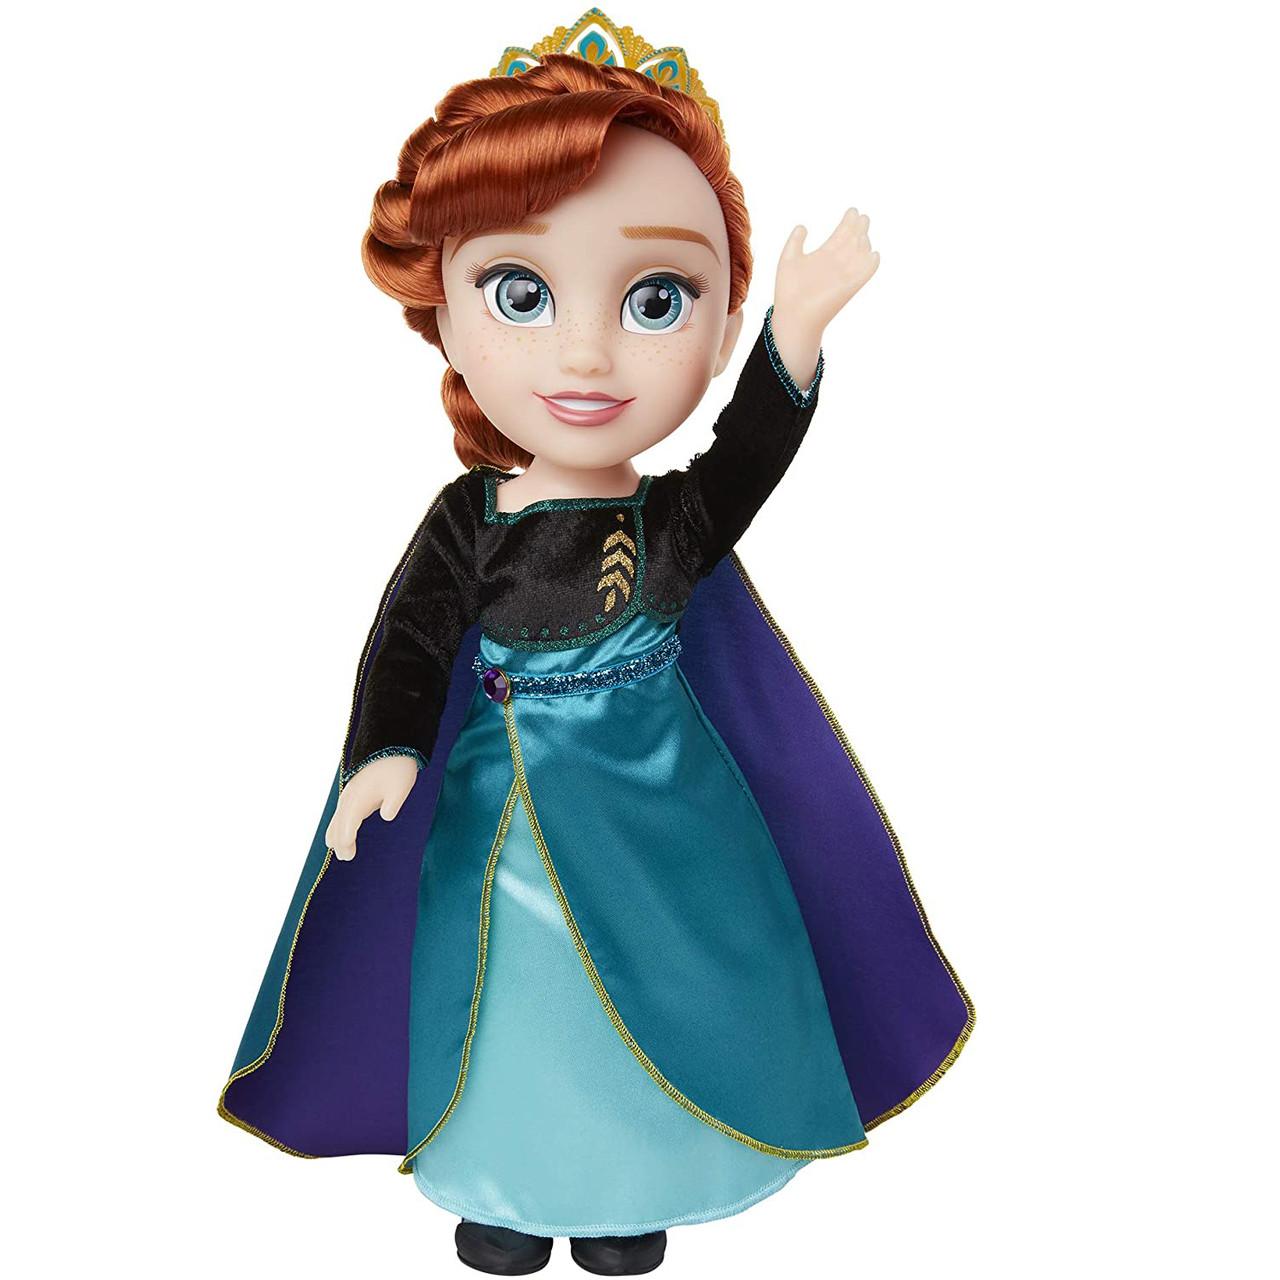 Маленька лялька Ельза з Олафом і гребінцем Disney Frozen Petite Elsa Doll with Olaf